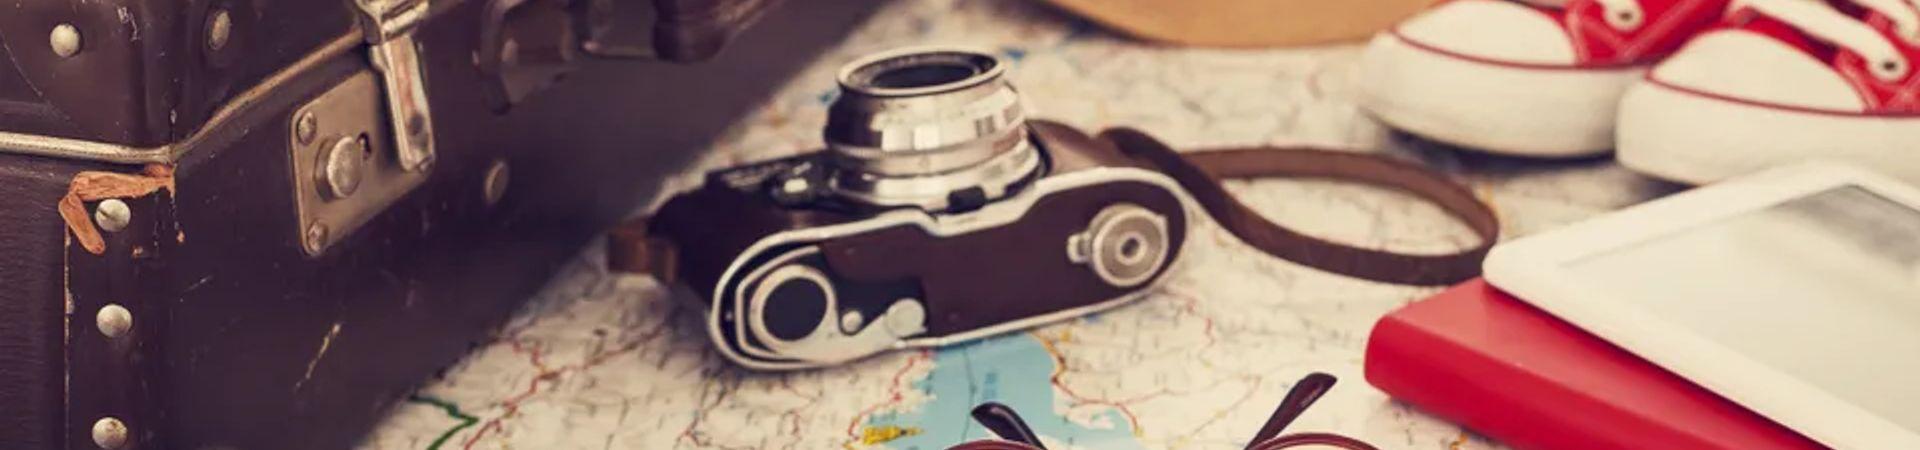 Reisegutscheine zum Verschenken